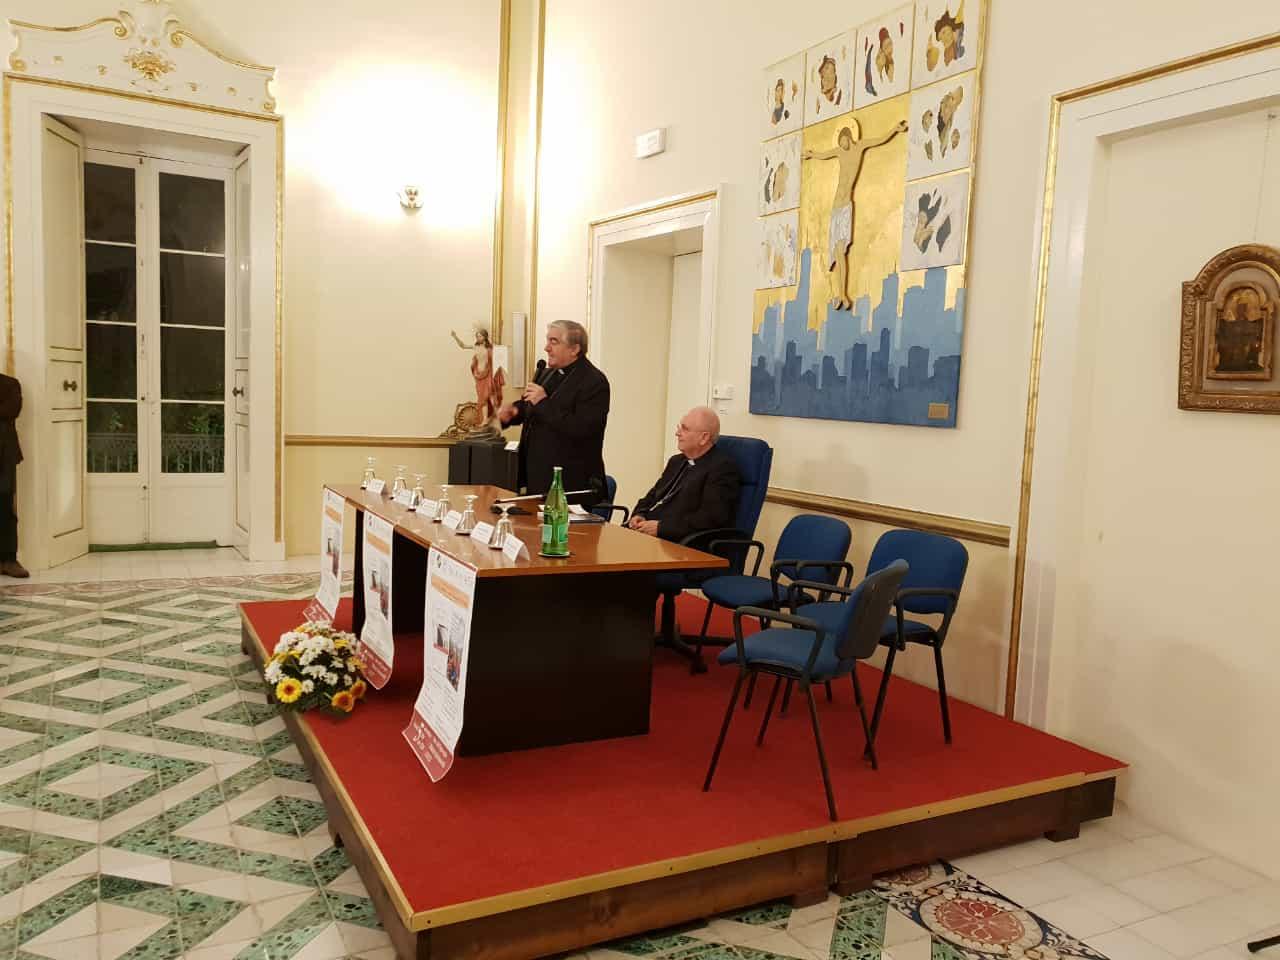 Presentazione libro del Vescovo – Episcopio di Lecce 5.11.2018 (6)